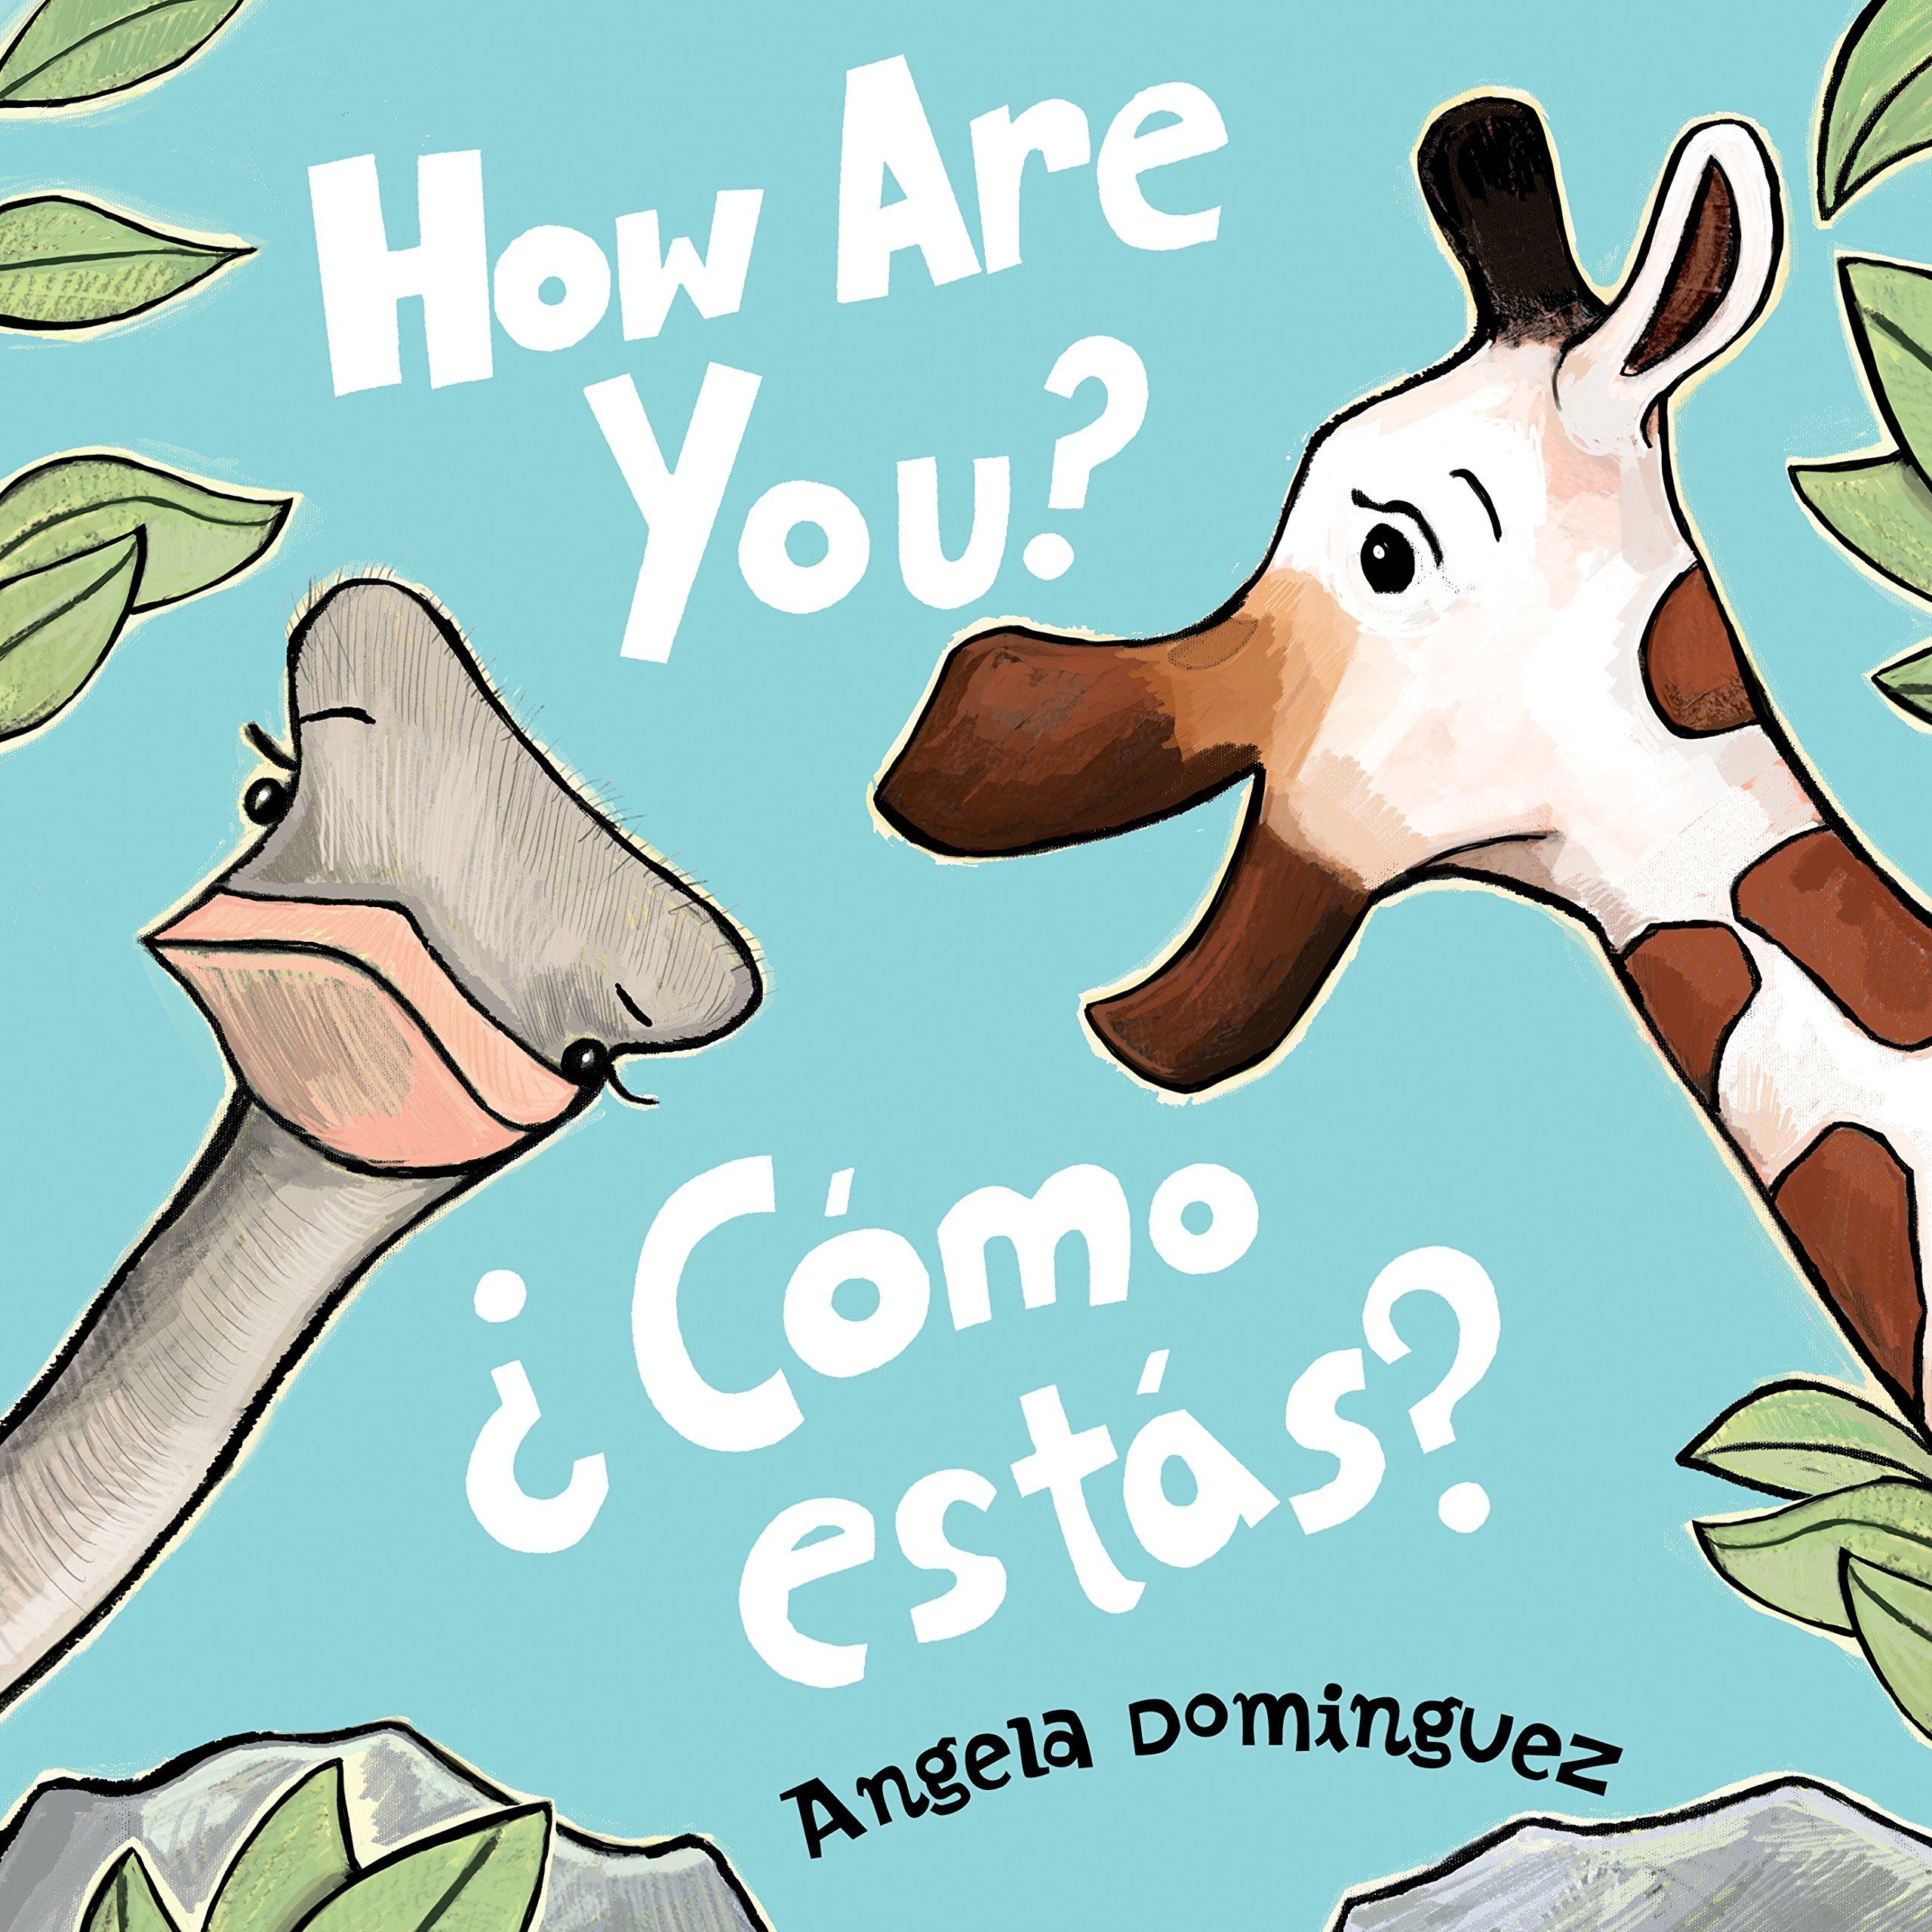 How Are You? / ¿Cómo estás?: Dominguez, Angela: 9781250126863: Amazon.com:  Books